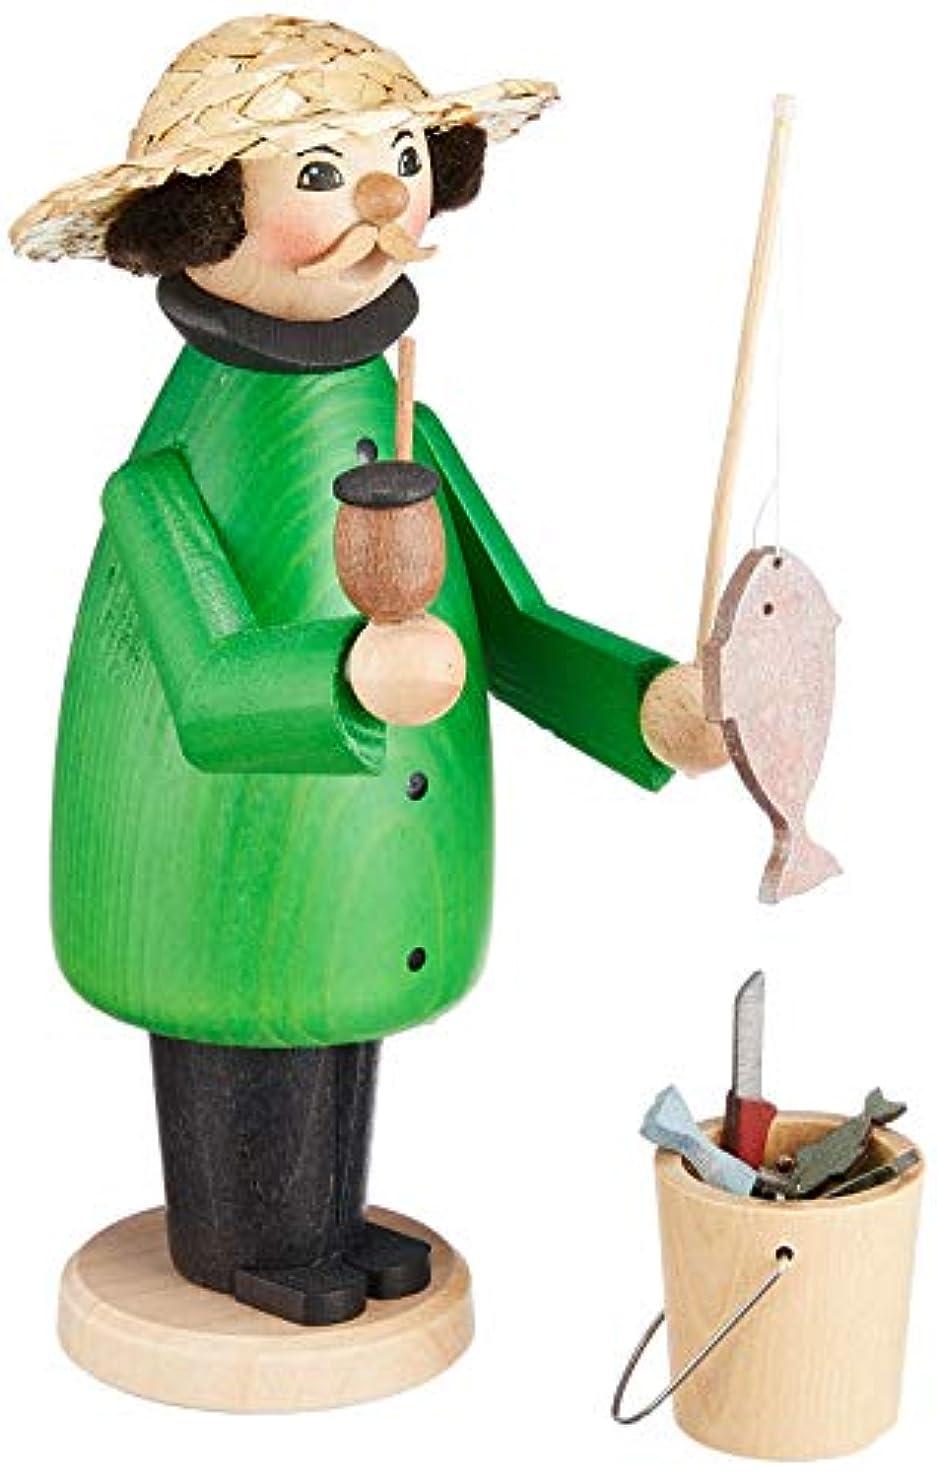 出力超高層ビルボアkuhnert ミニパイプ人形香炉 釣り人